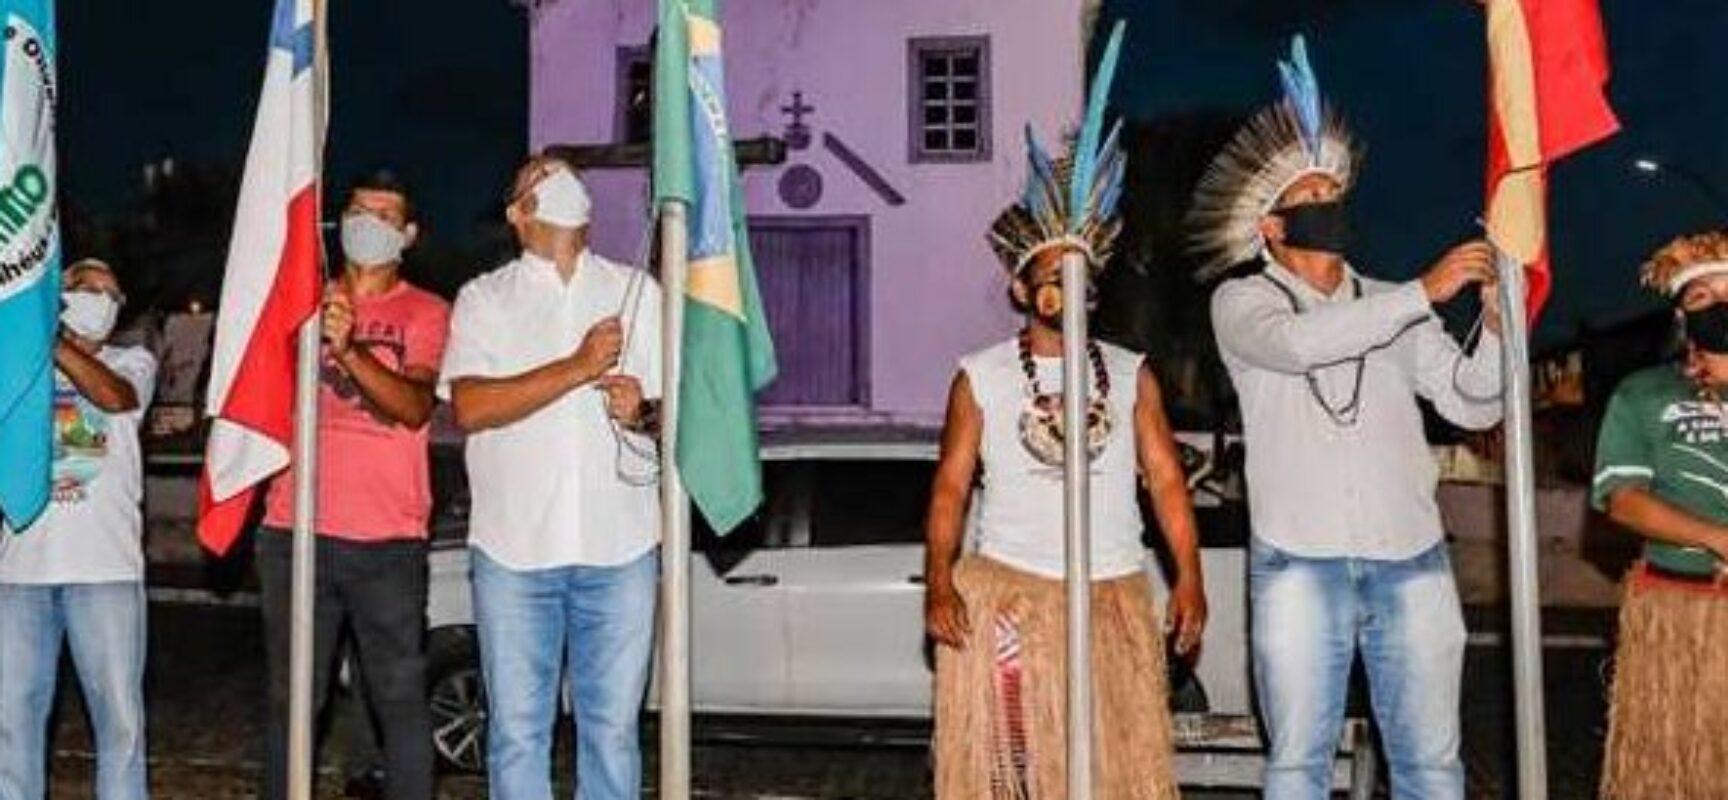 Prefeito Mário Alexandre participa de abertura simbólica da Puxada do Mastro em Olivença